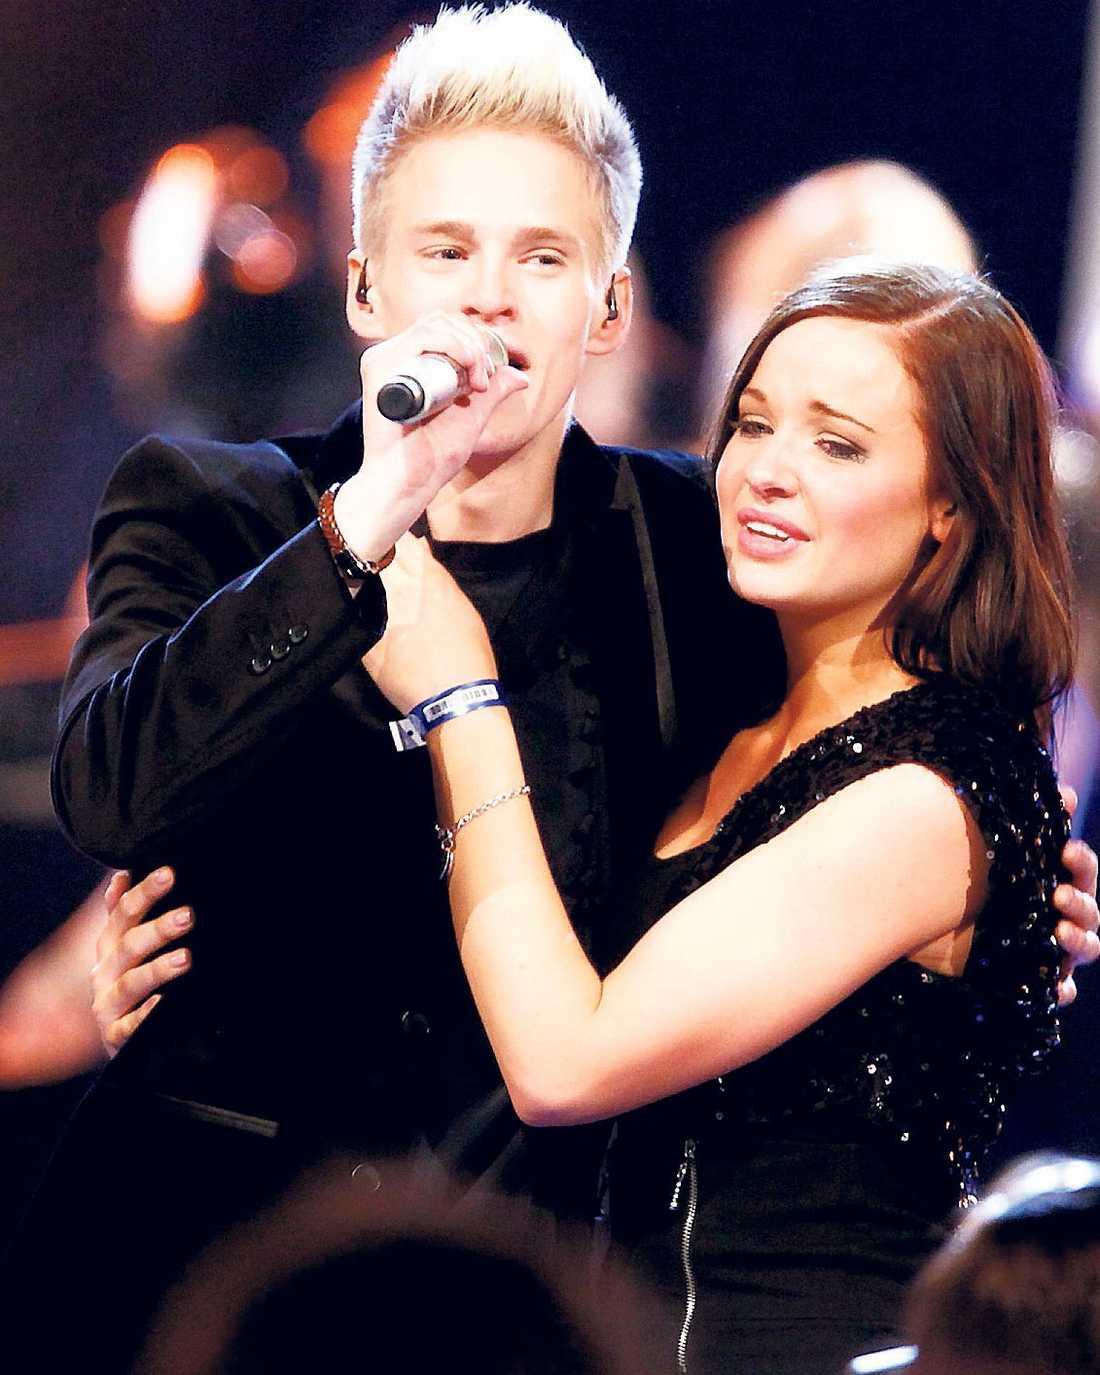 """När Erik Grönwall vann """"Idol"""" sprang hans flickvän Janina Warsén upp på scenen. Något som kritiserades av juryn."""